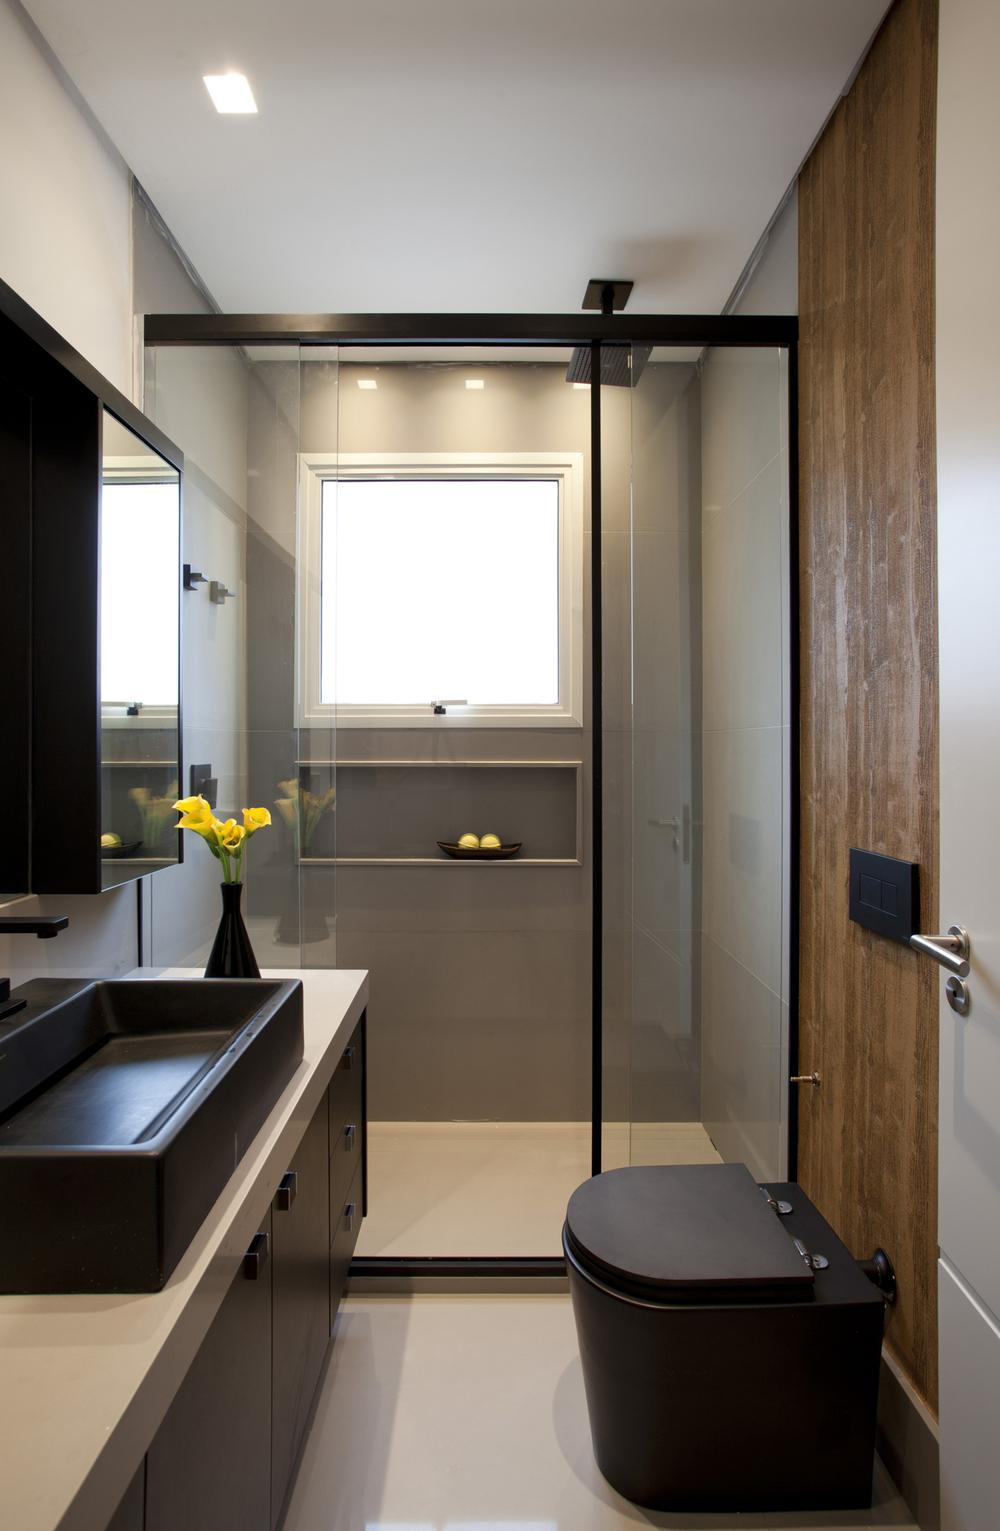 dicas-para-banheiro-pequeno-Box-com-porta-de-correr